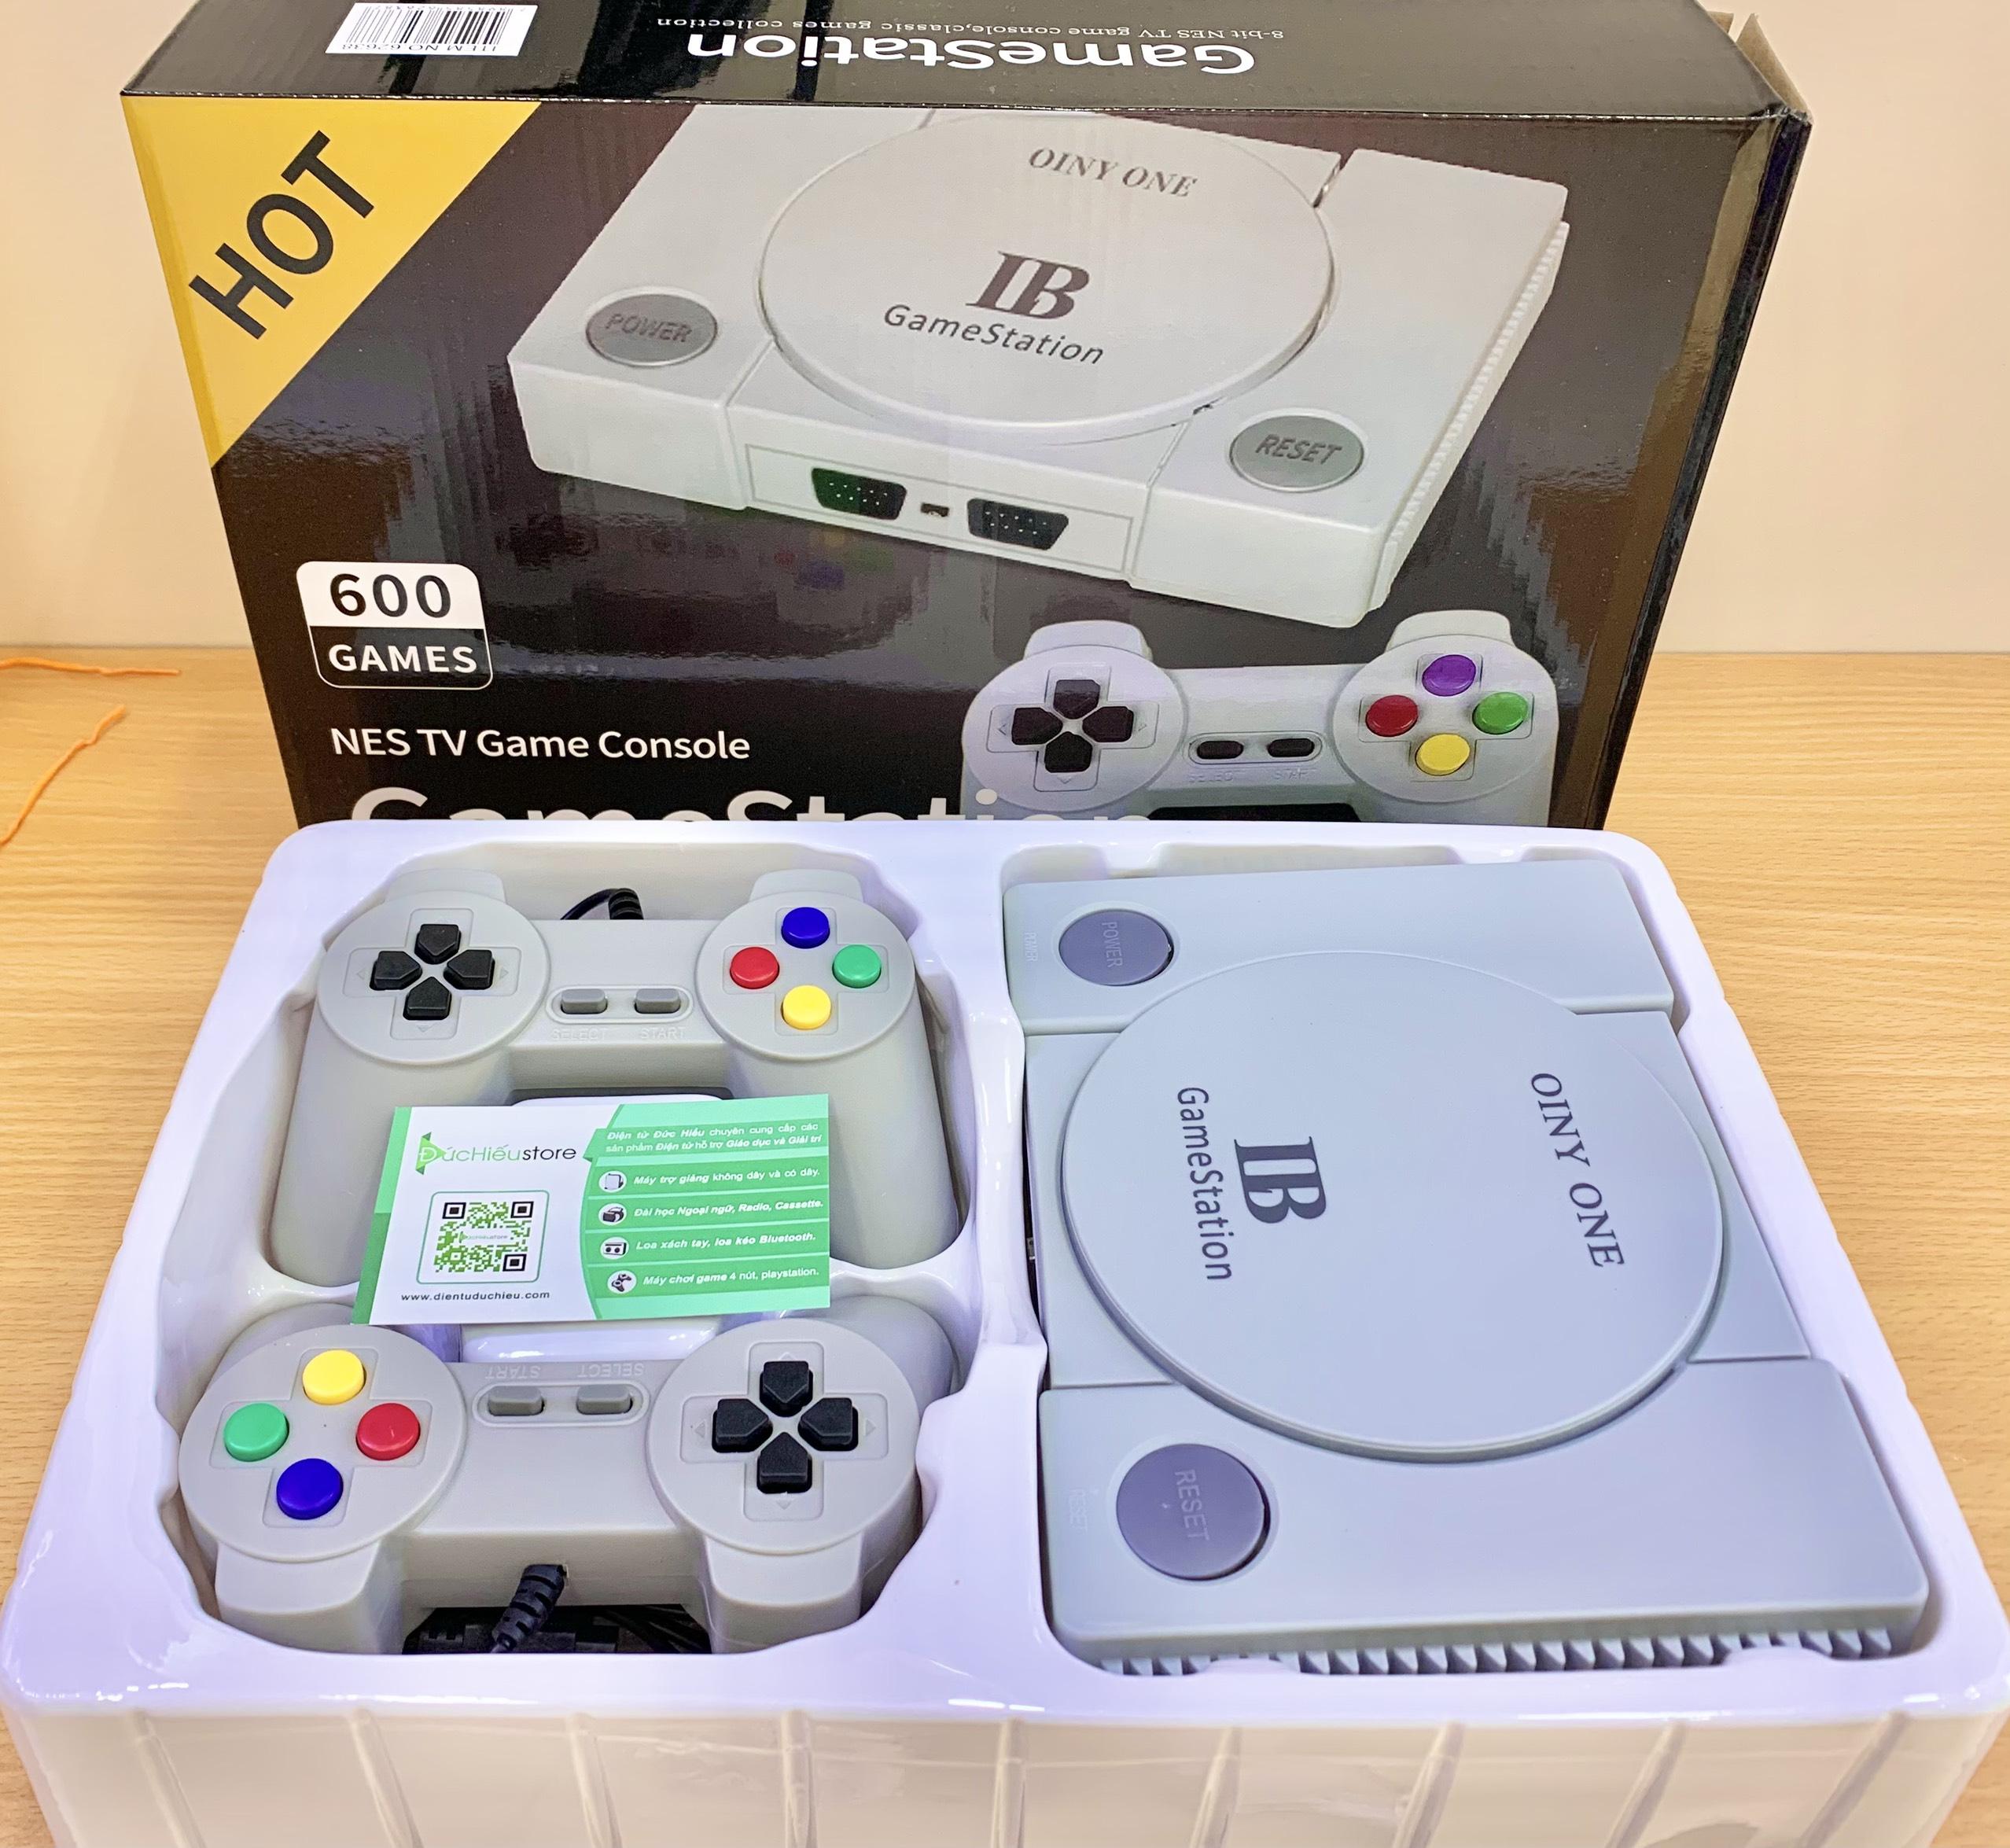 Máy Chơi Game 4 Nút GameStation Tích Hợp 600 Games Kết Nối AV dientuduchieu.com